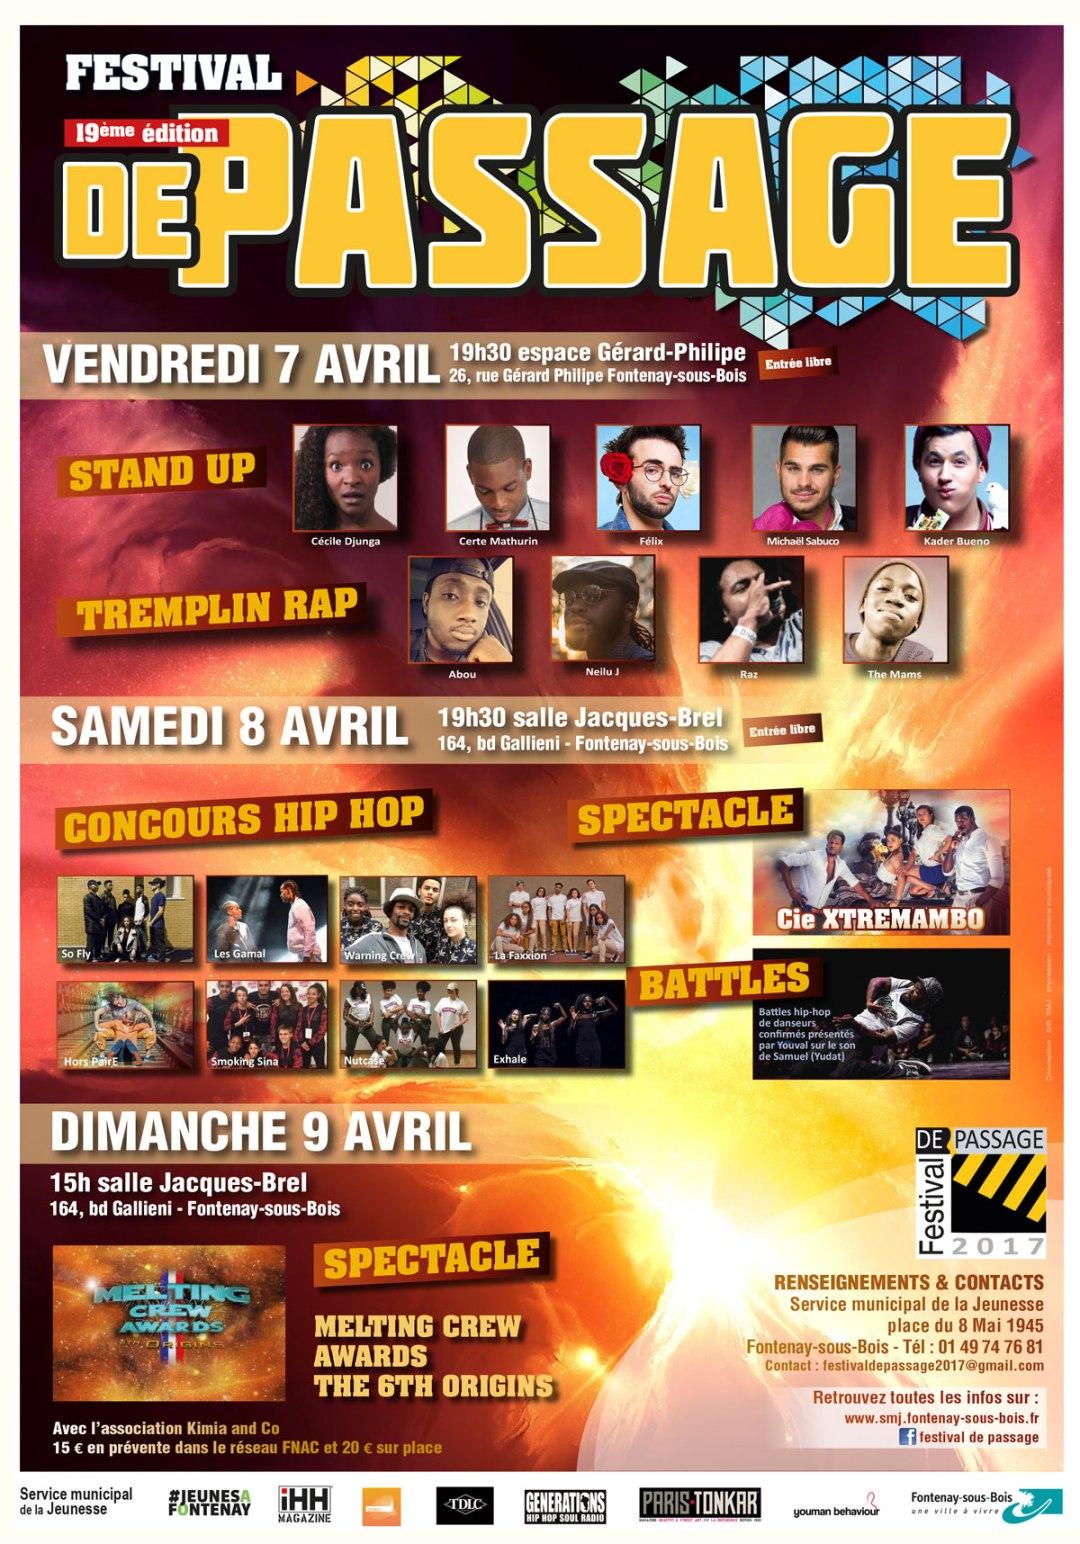 affichette-A4-festival-3-2017-web